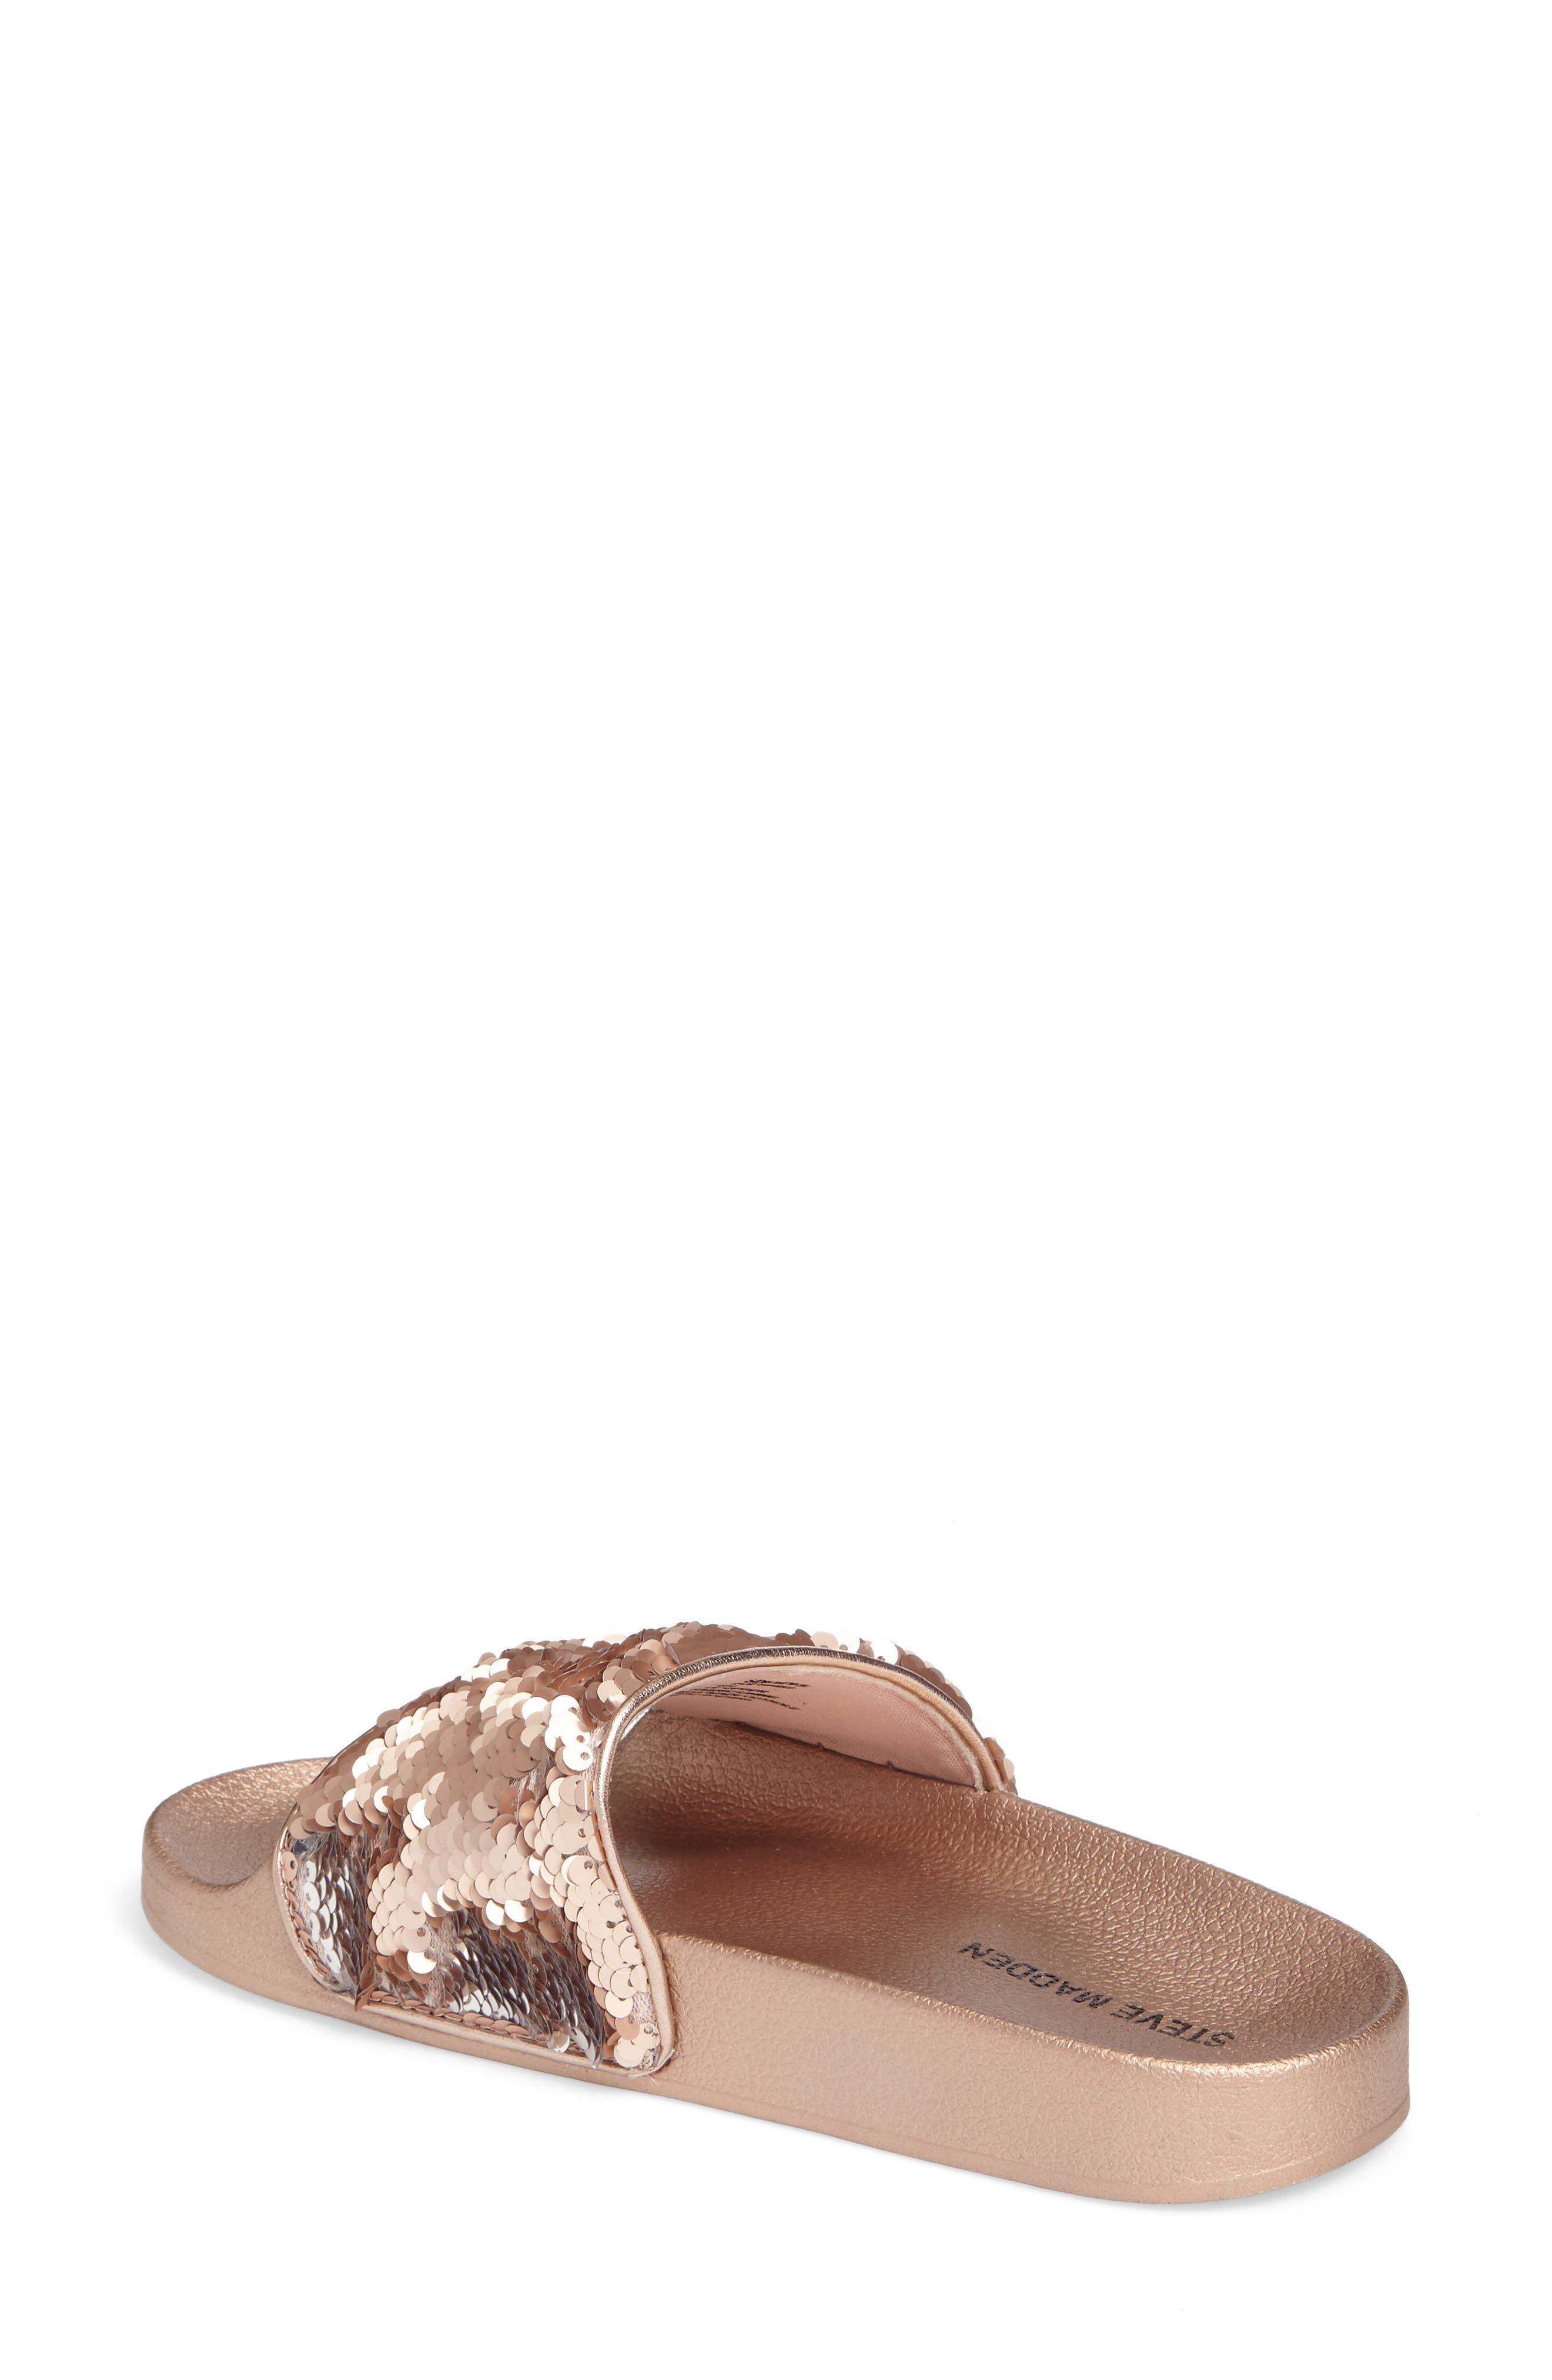 Softey Sequin Slide Sandal,                             Alternate thumbnail 2, color,                             686